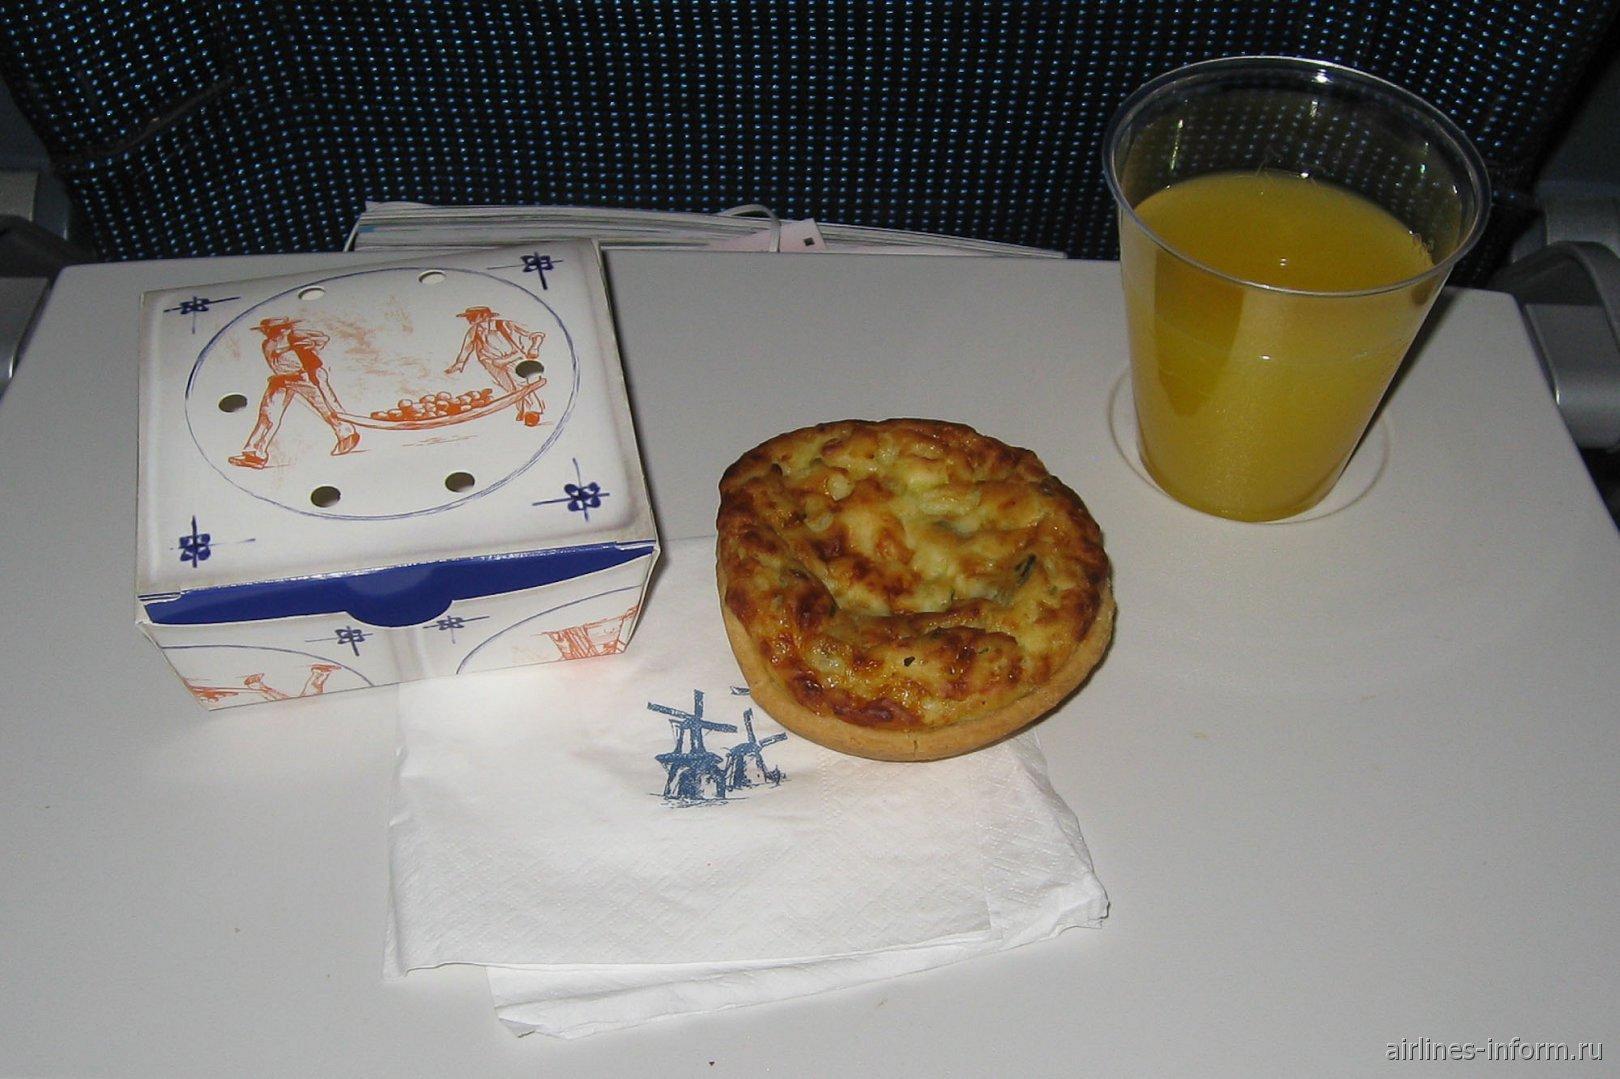 Легкая закуска на рейсе Амстердам-Торонто авиакомпании KLM